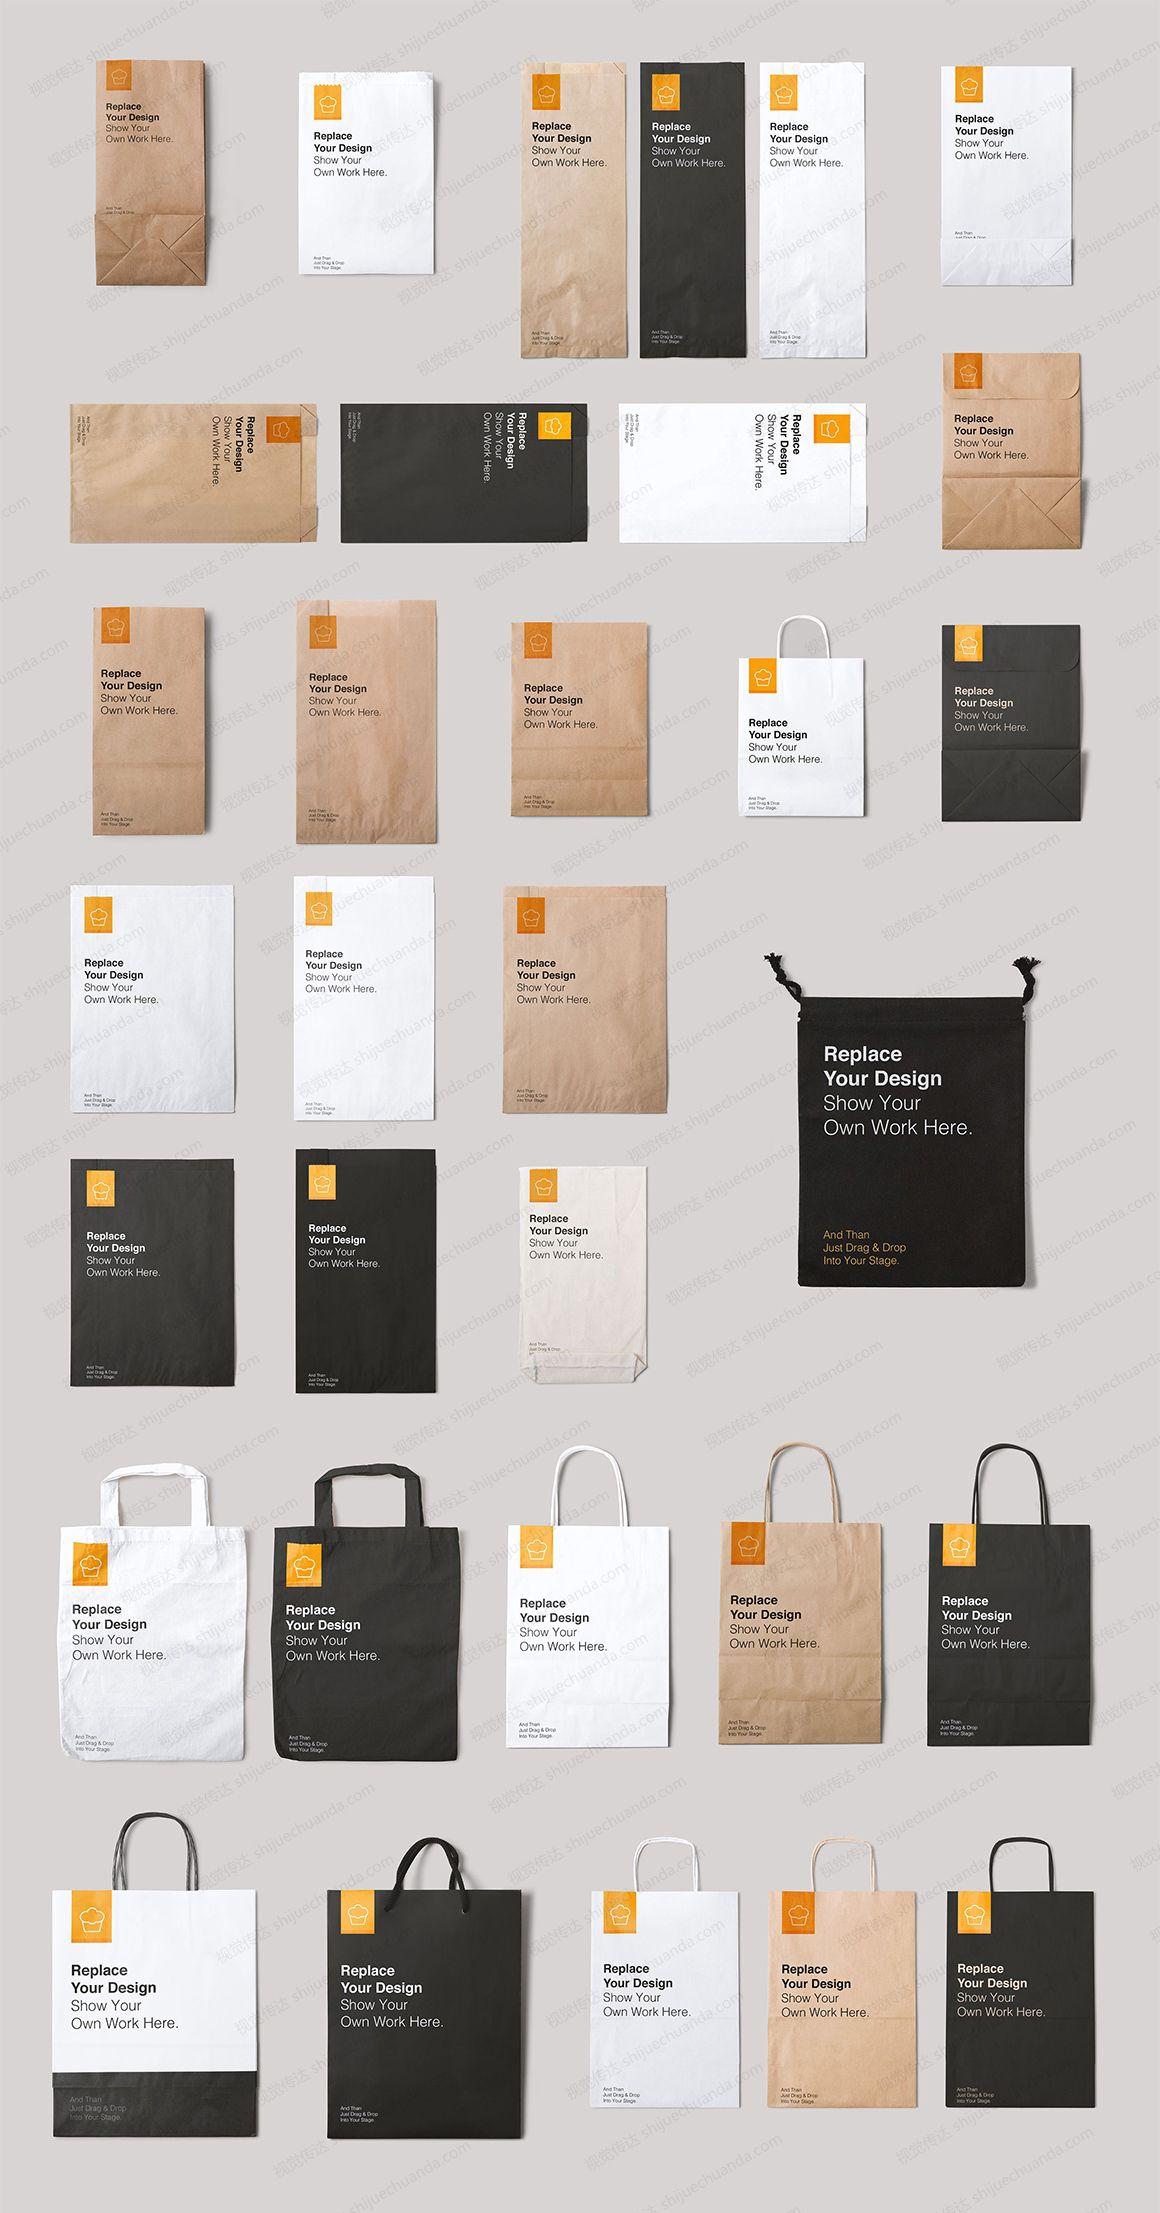 咖啡品牌包装模拟场景生成器